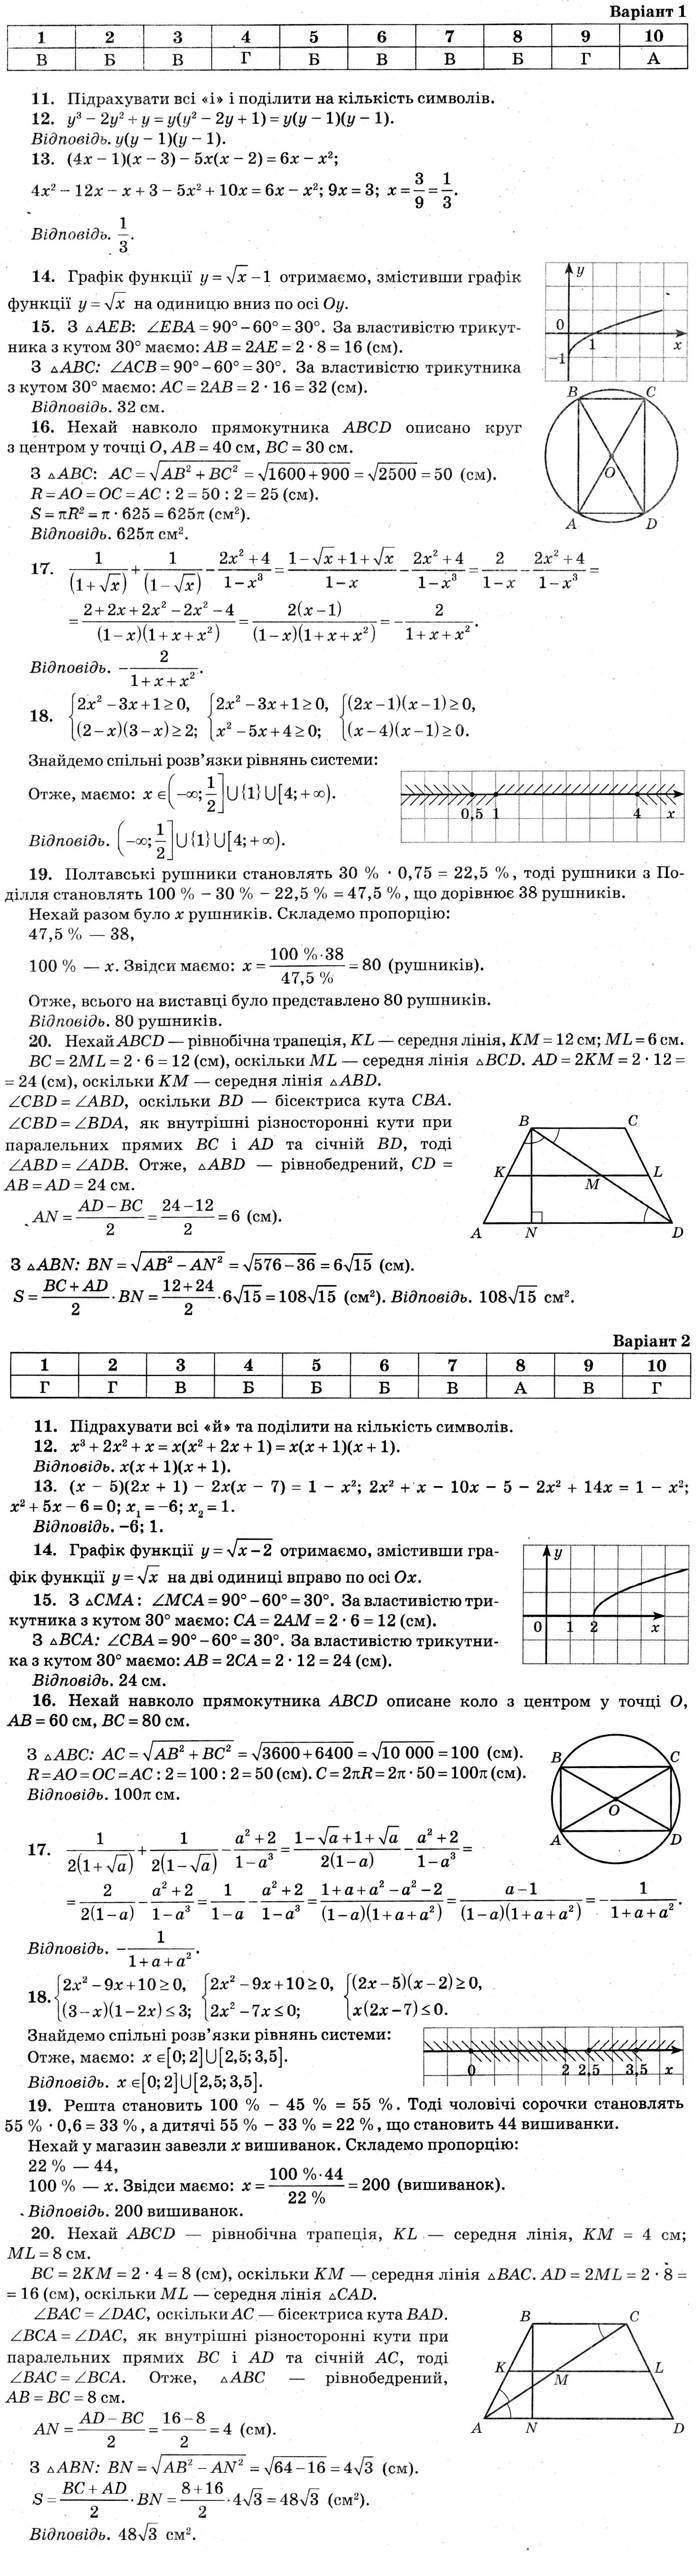 Розв'язання завдань до посібника 9 клас ДПА-2019 Математика БЕЗВ (збірник завдань)